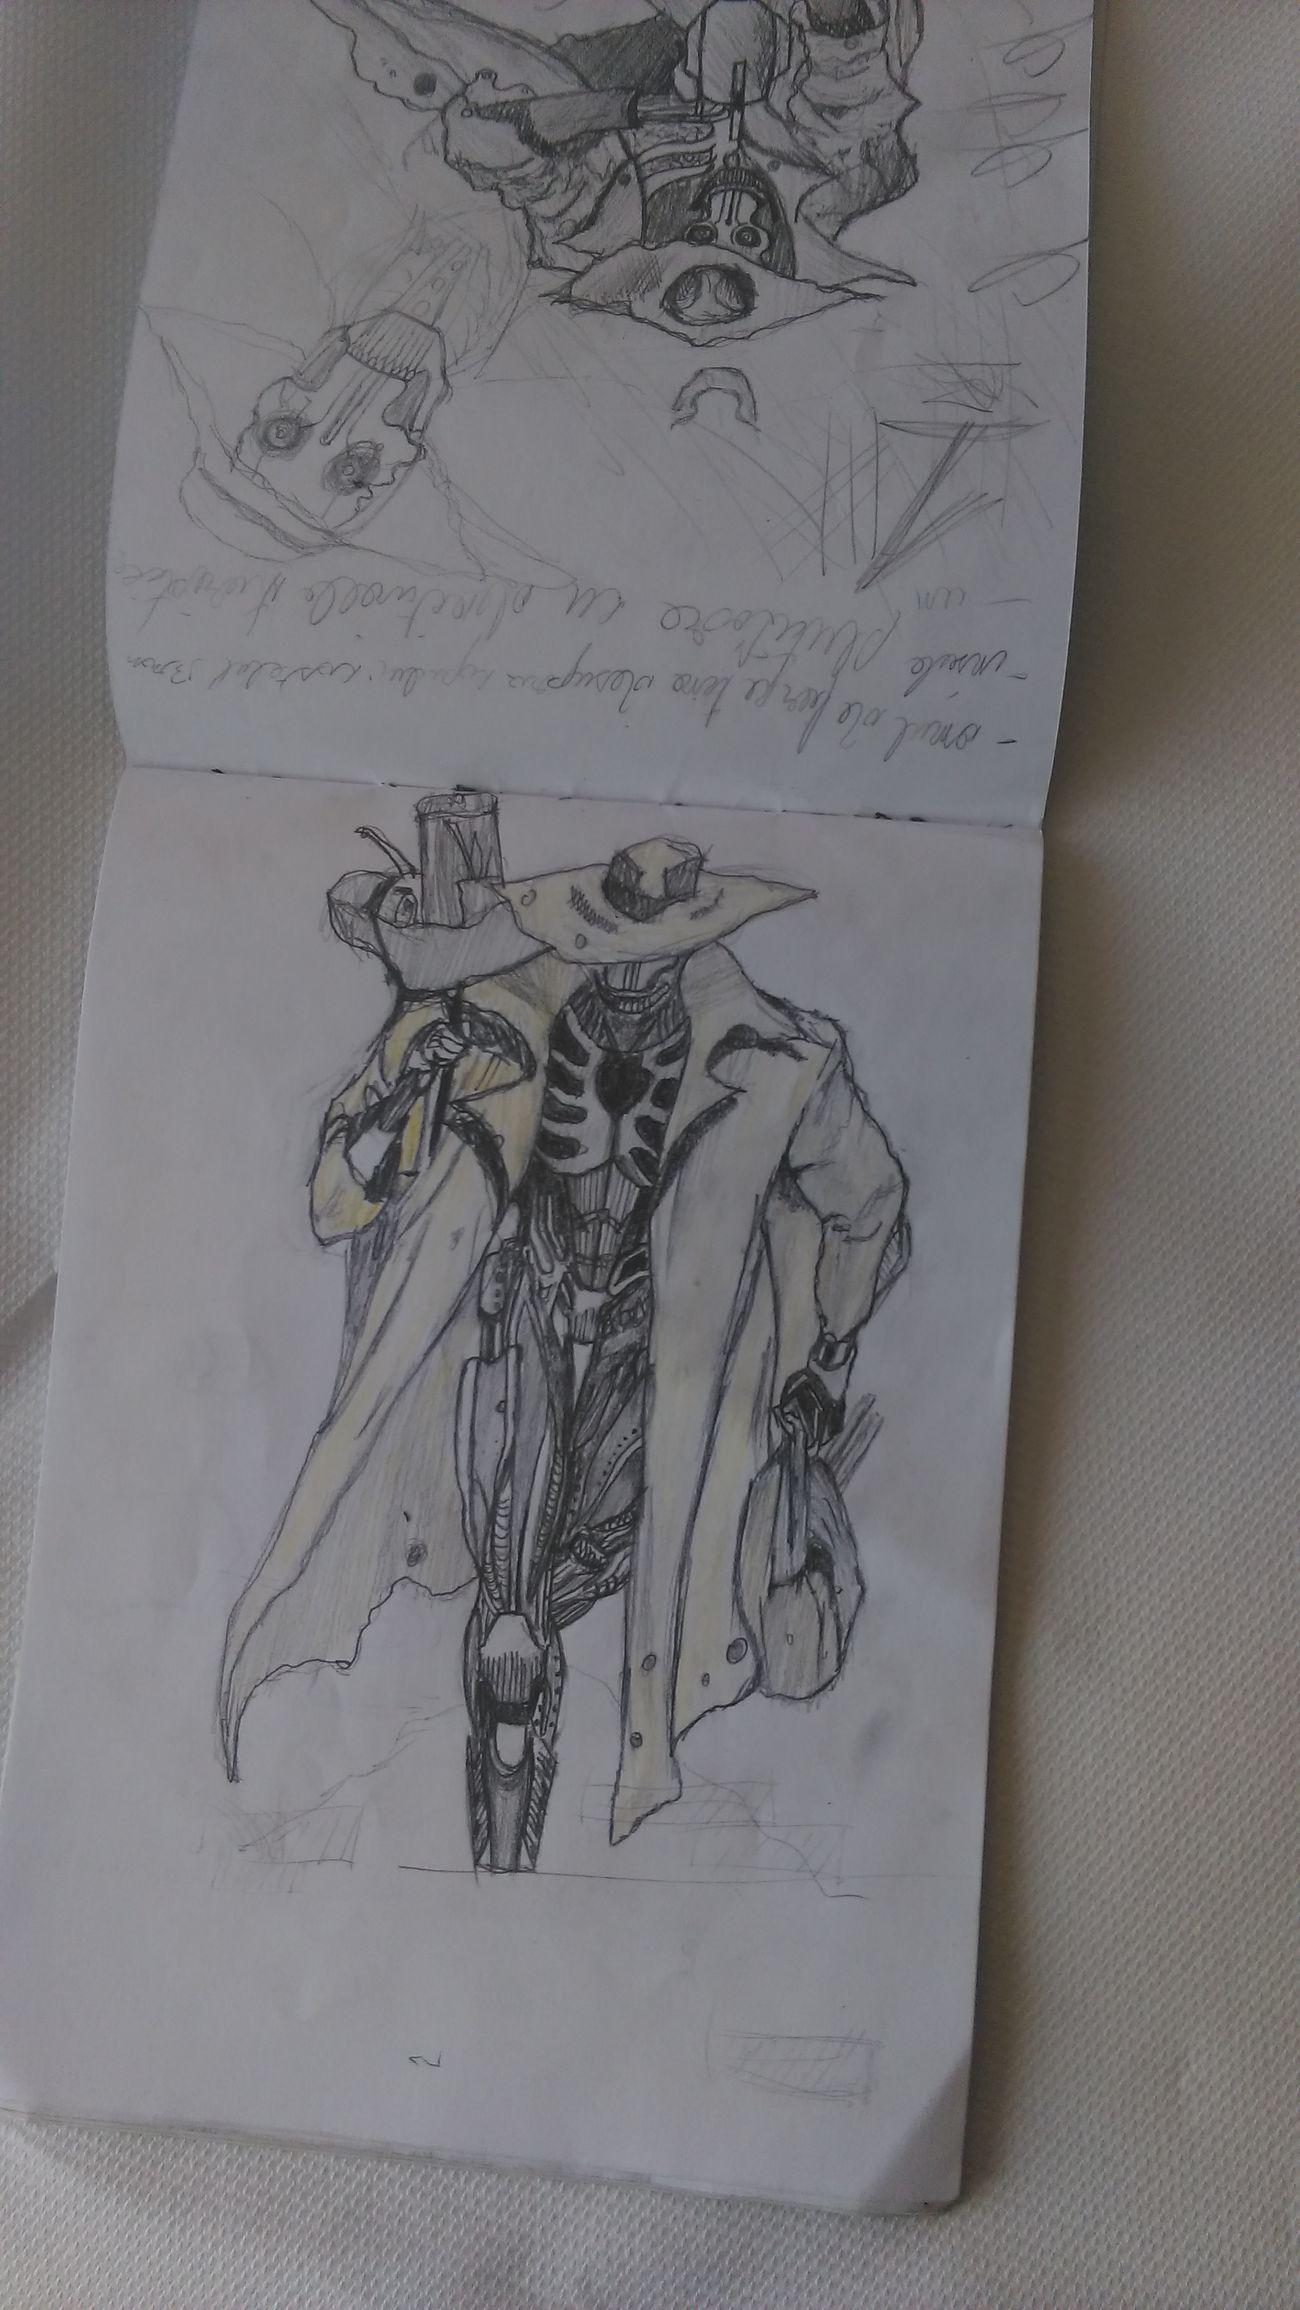 Sketching Art Drawing Creativity Drawing Drawingwork Robot Scheleton Creativity Art, Drawing, Creativity